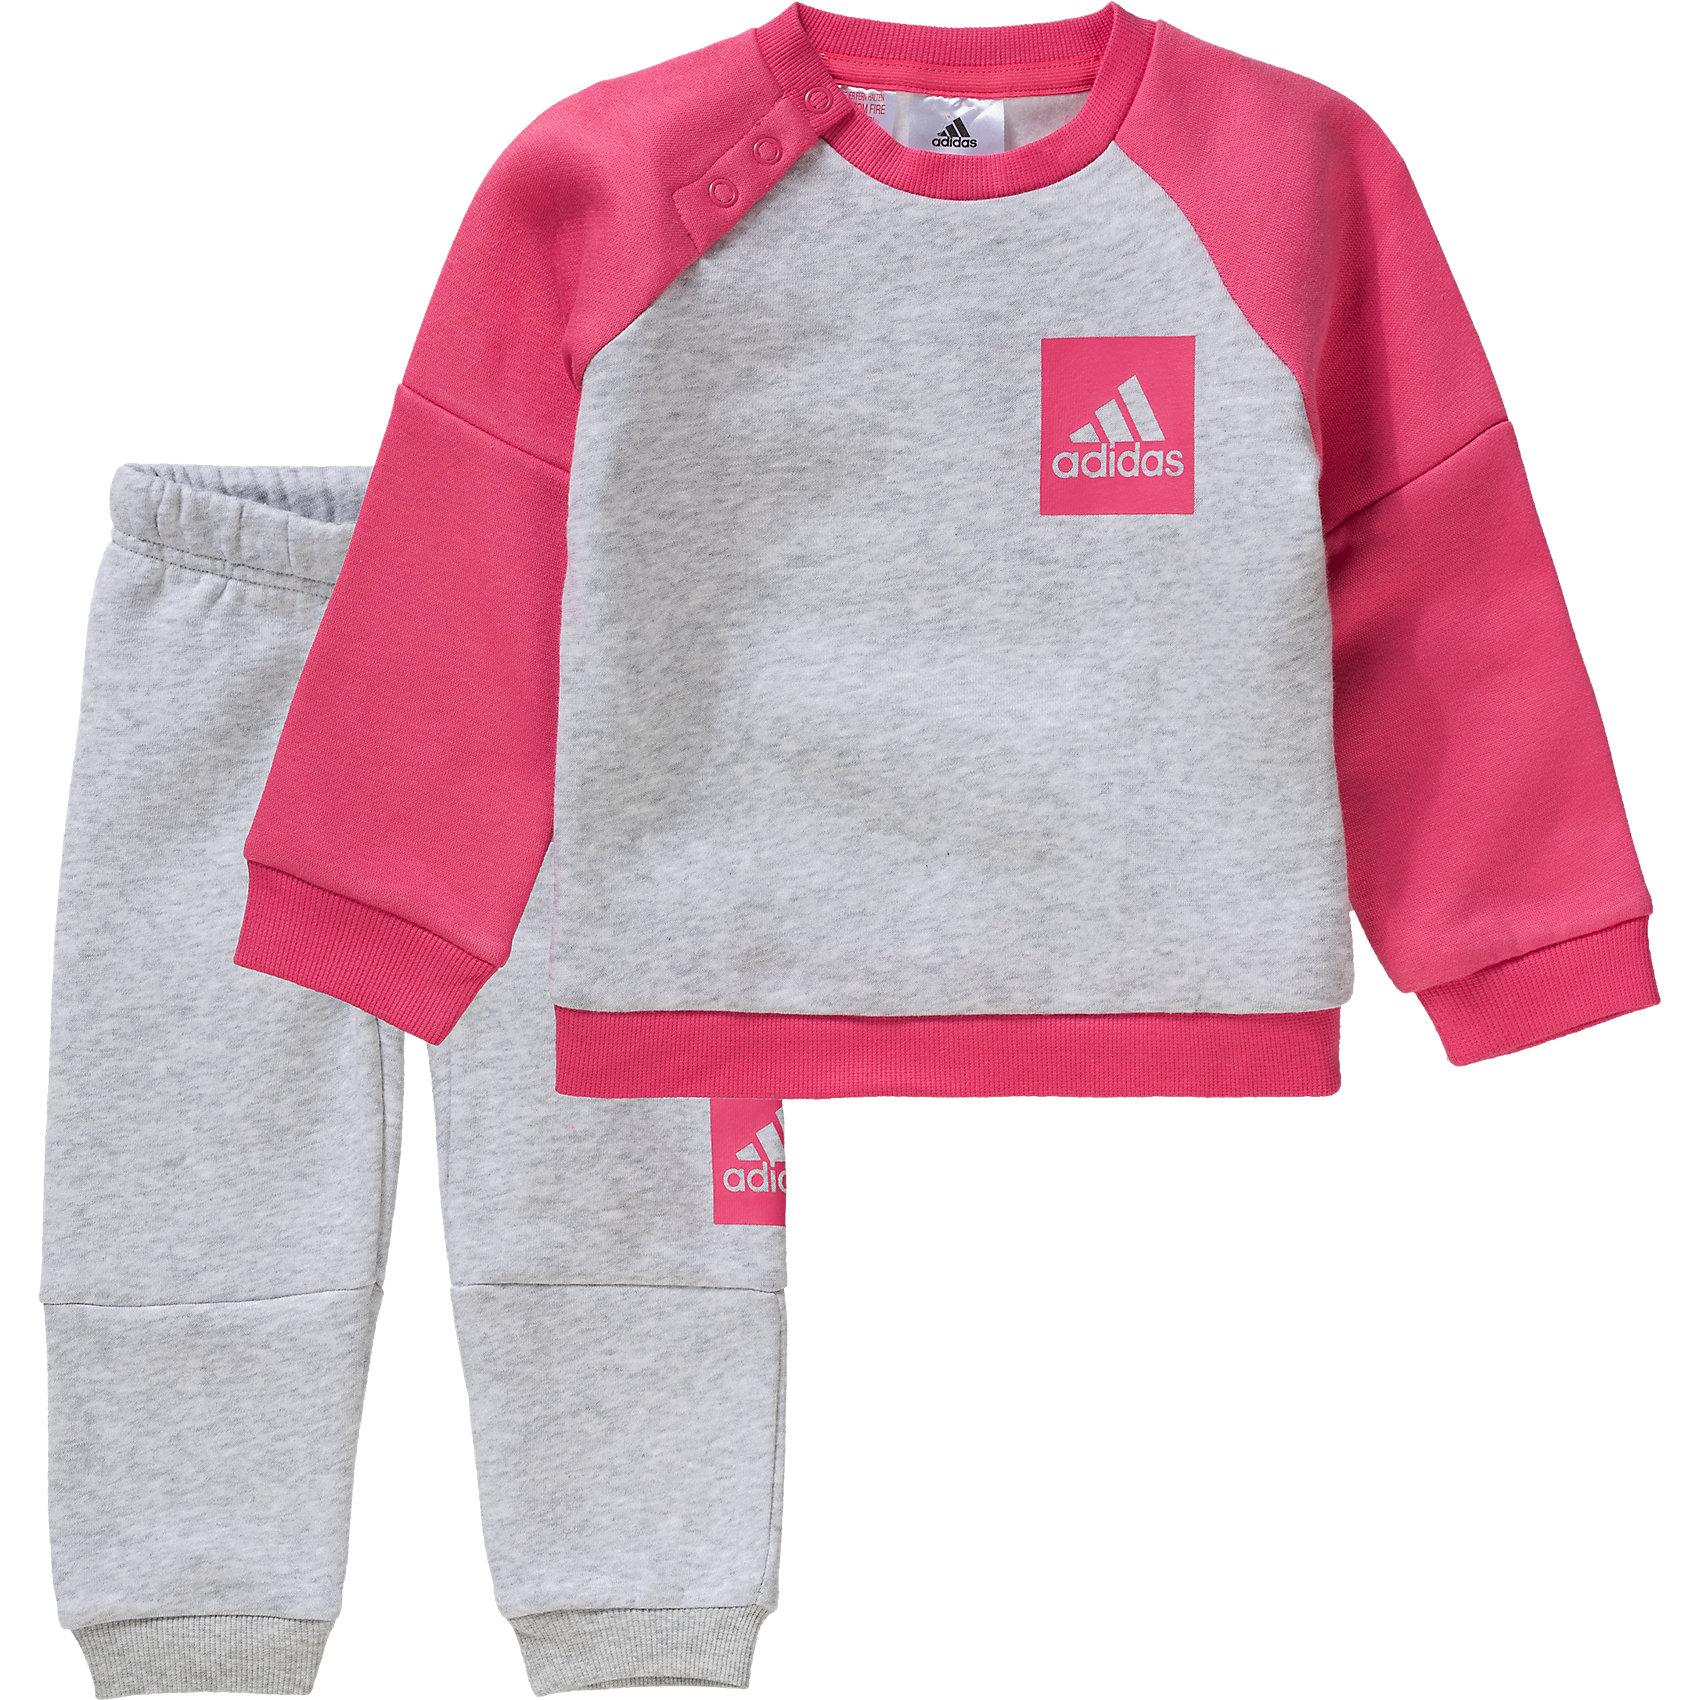 Details zu Neu adidas Performance Baby Jogginganzug 6063259 für Mädchen grau